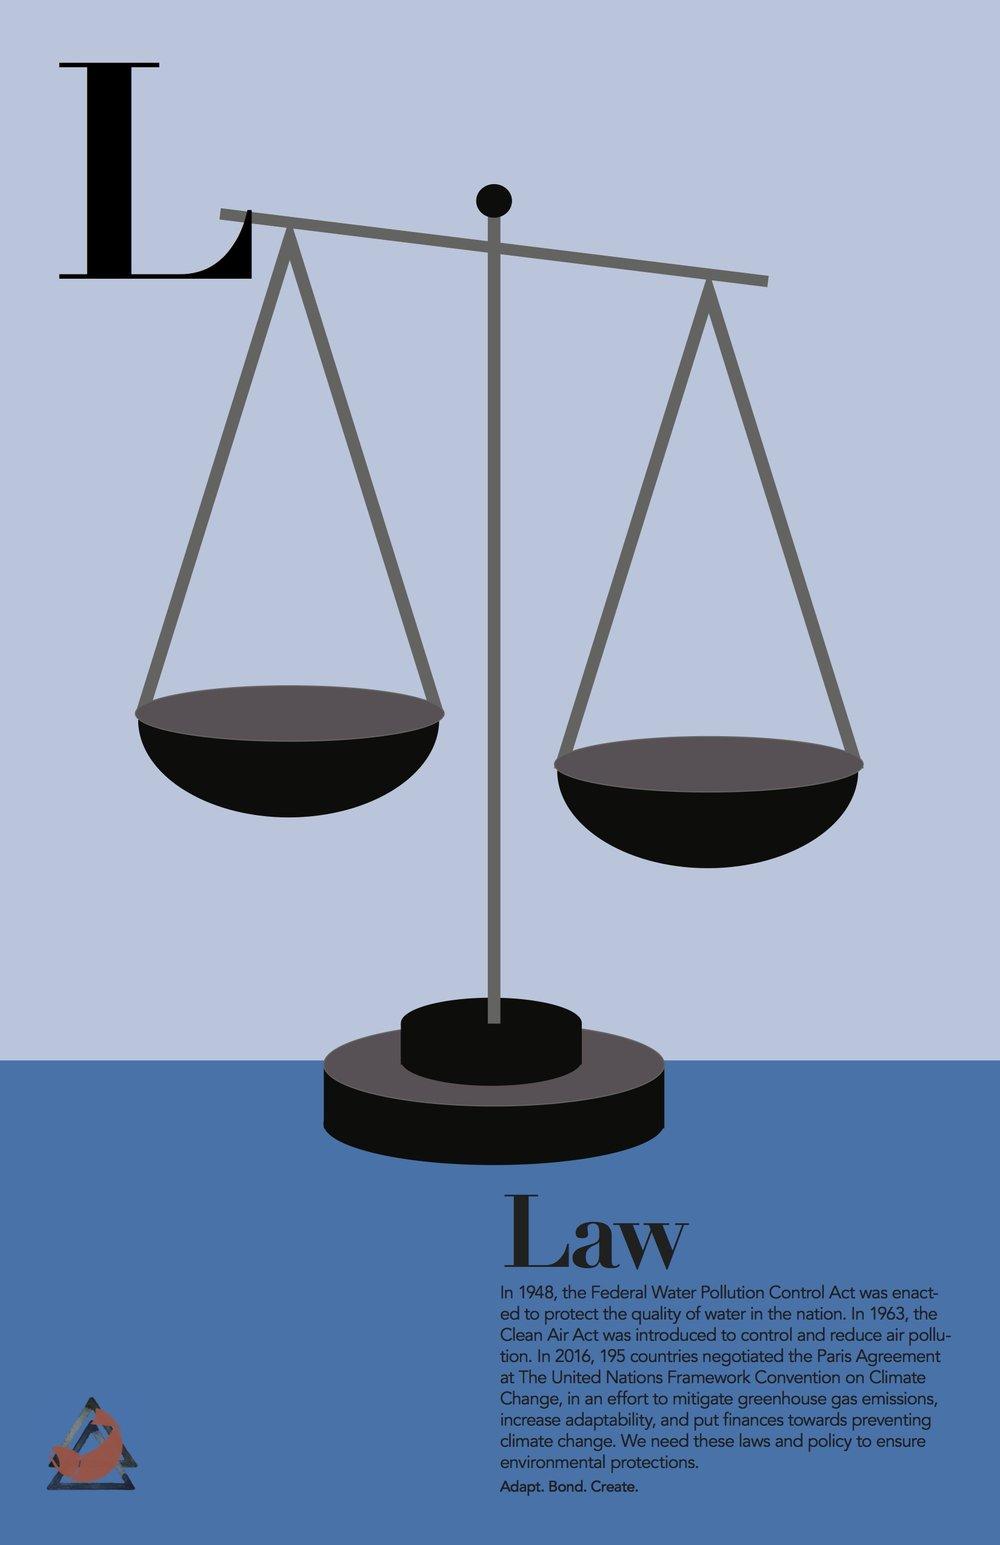 law_final.jpg